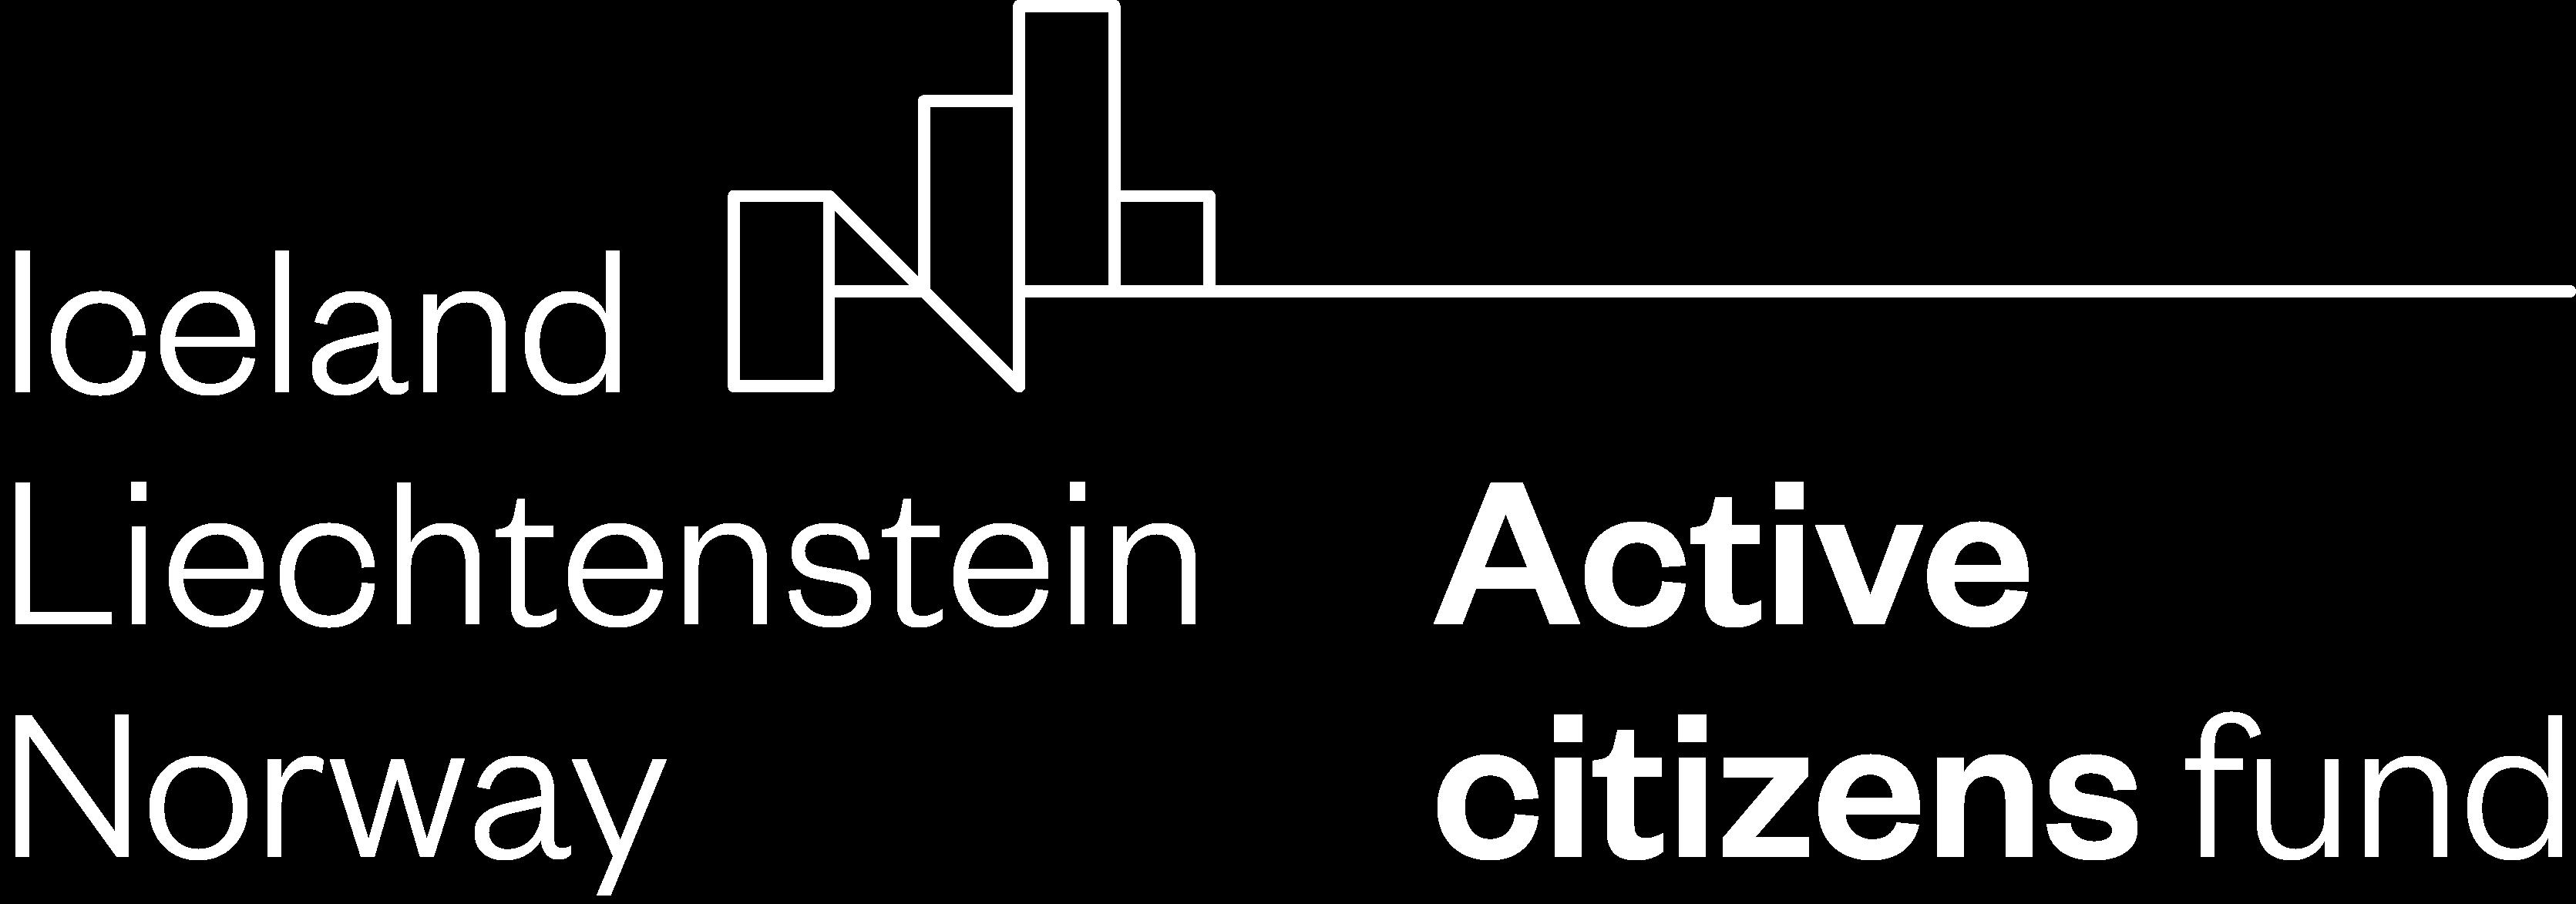 logo - Active citizens fund